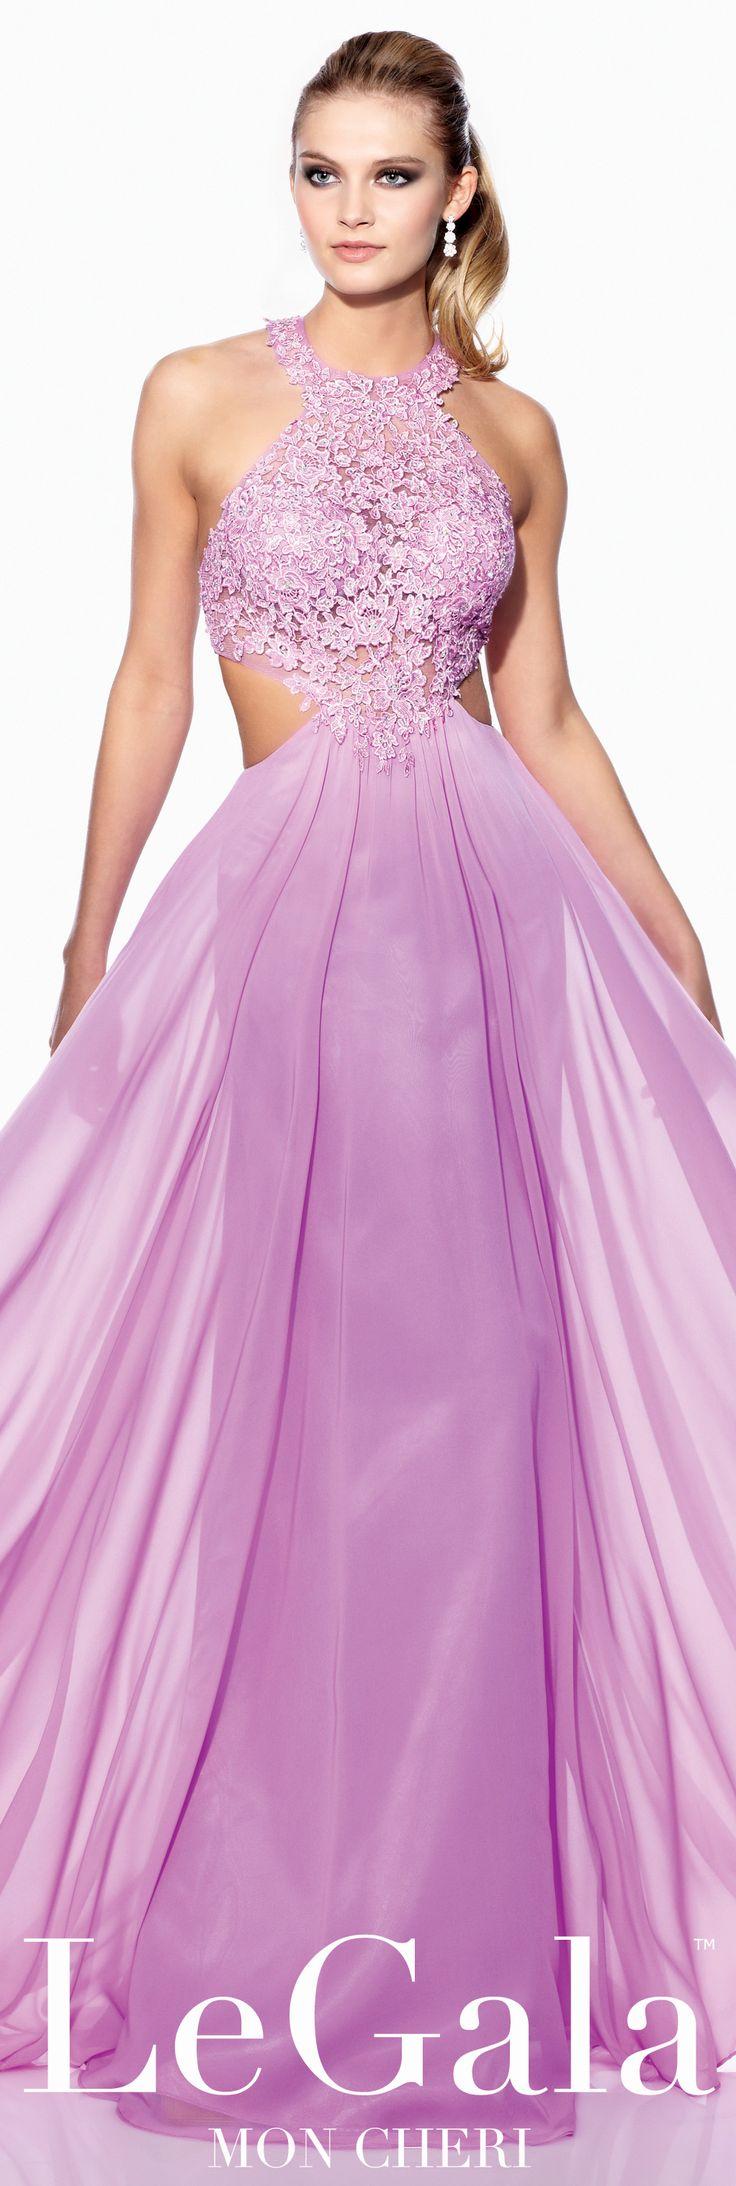 43 best PROMTASTIC images on Pinterest | Formal evening dresses ...